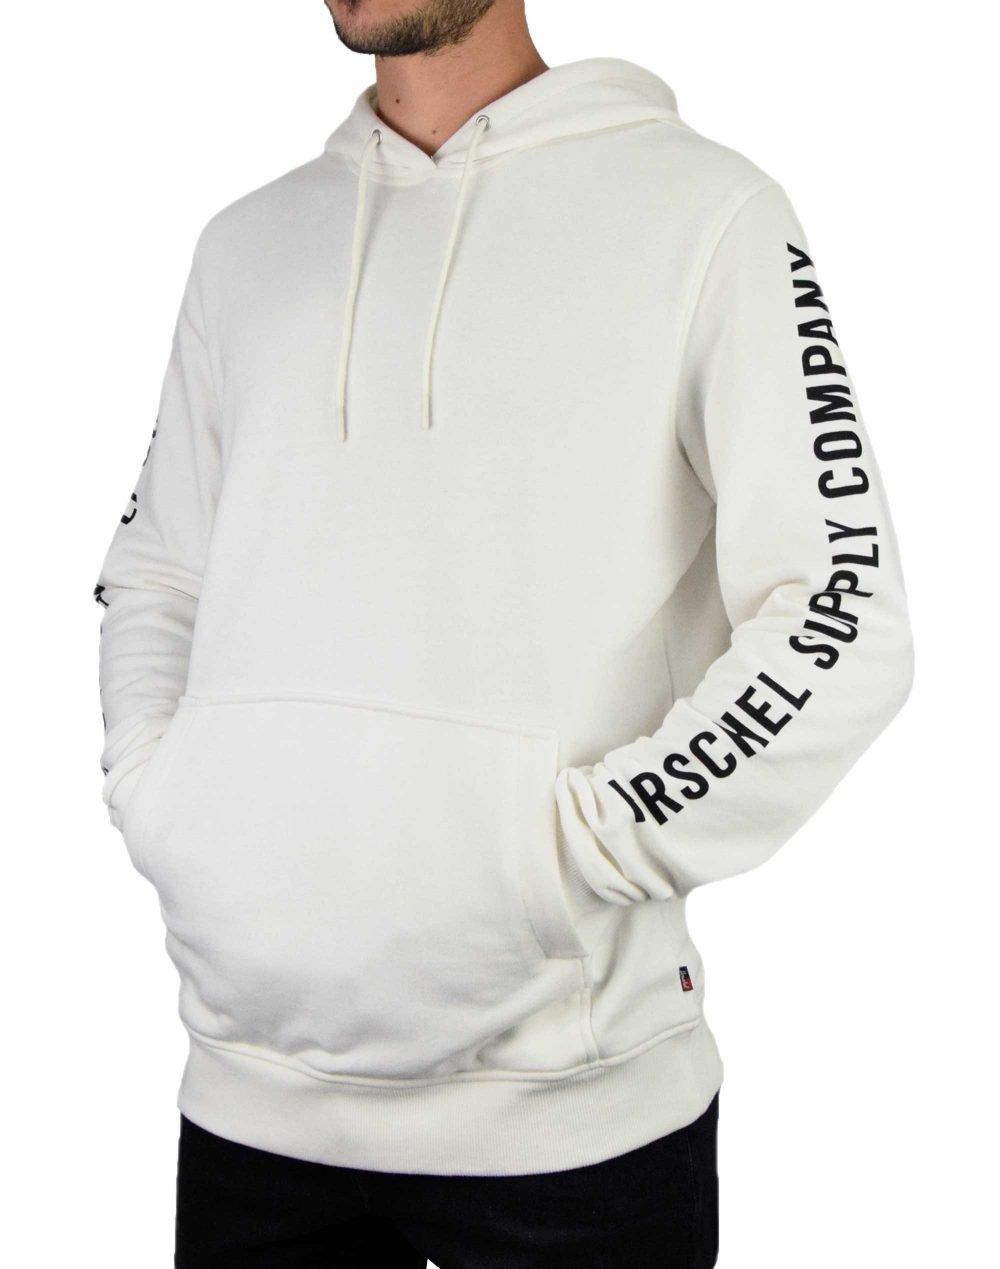 Herschel Supply Co Pullover Hoodie Slleve Print (50033-00260) White